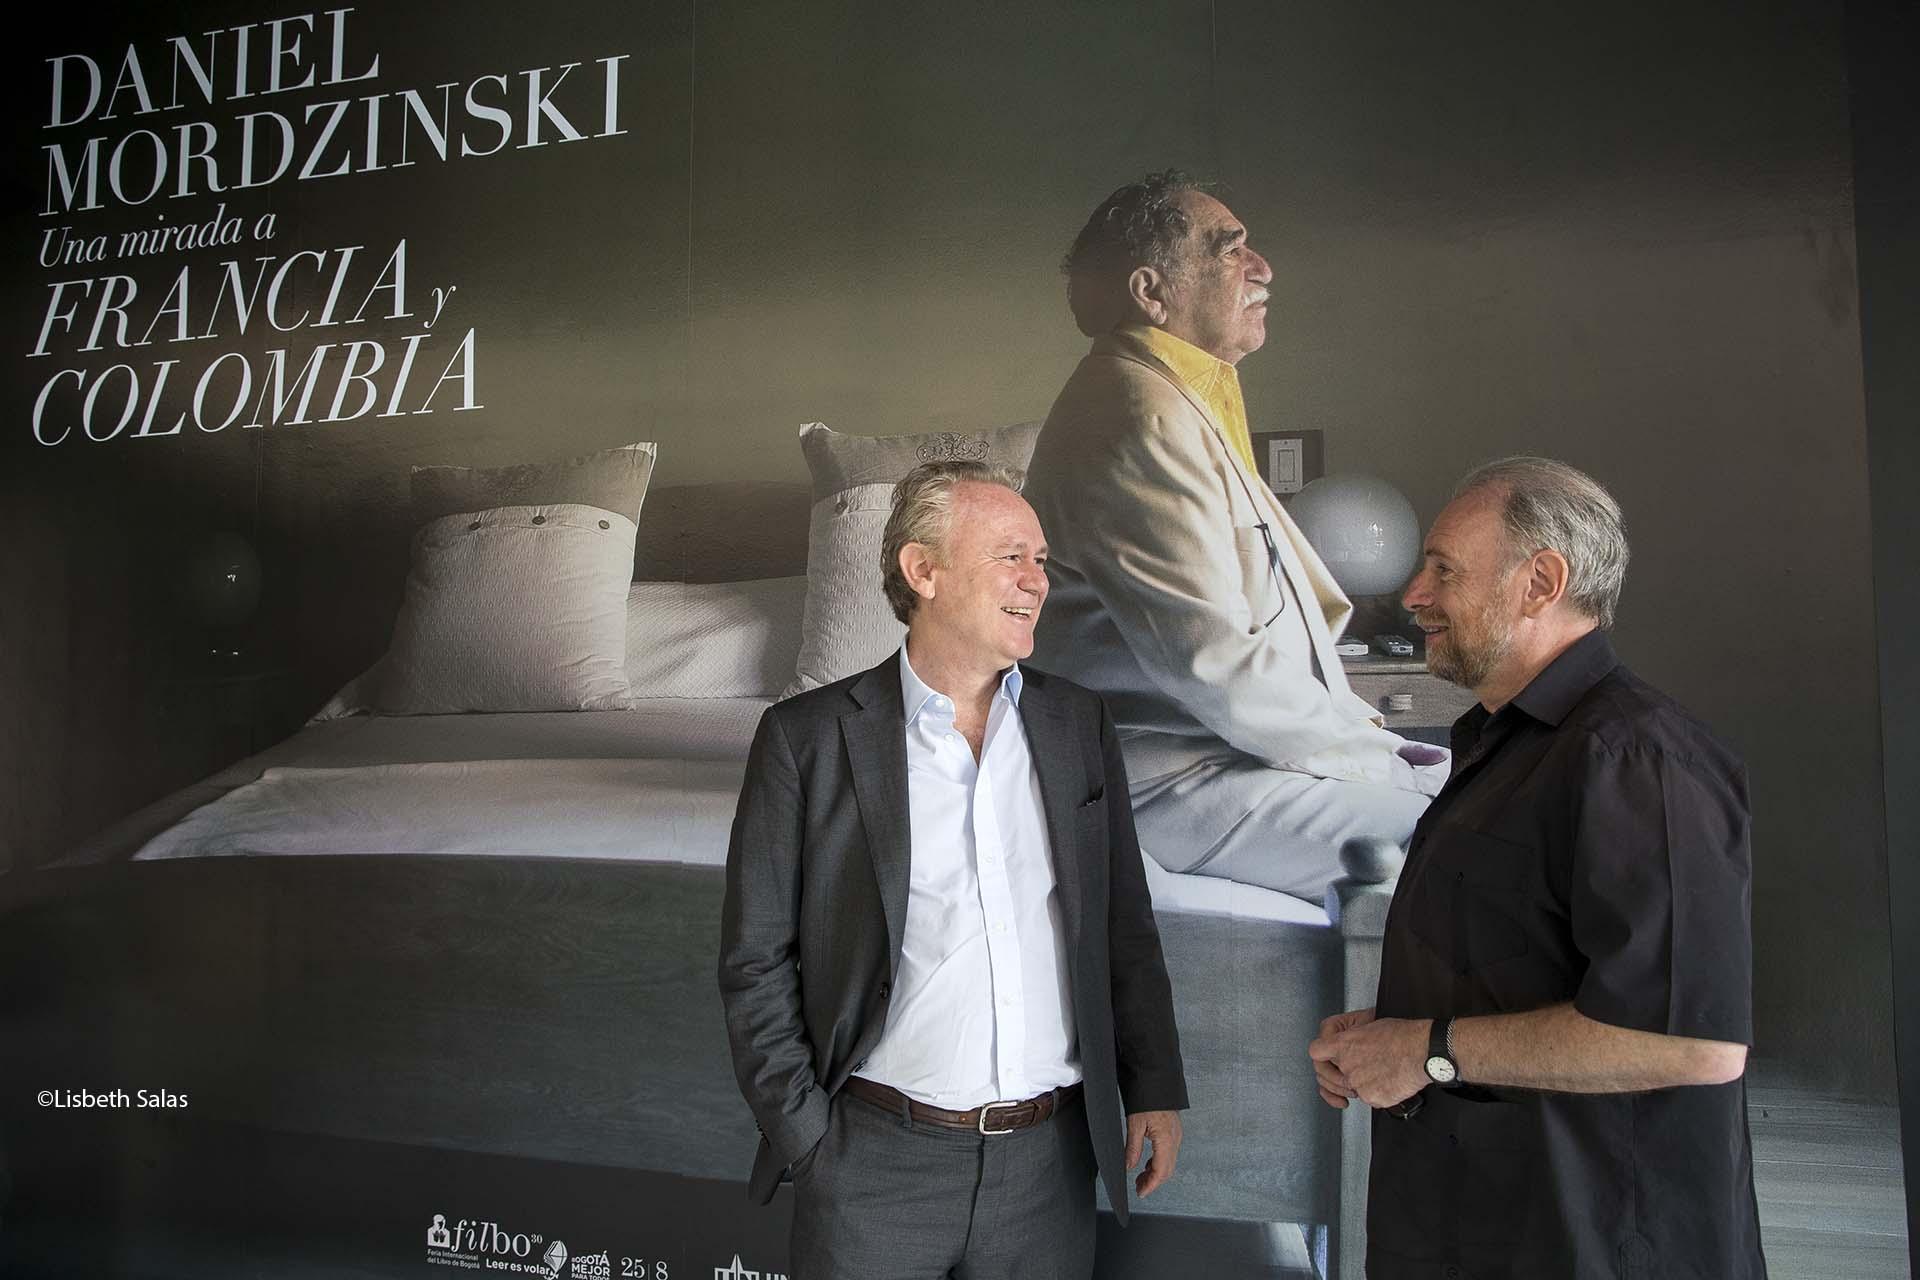 Mordzinski (derecha), con el editor y agente literario Cristóbal Pera, delante del retrato de García Márquez que anuncia la exposición.